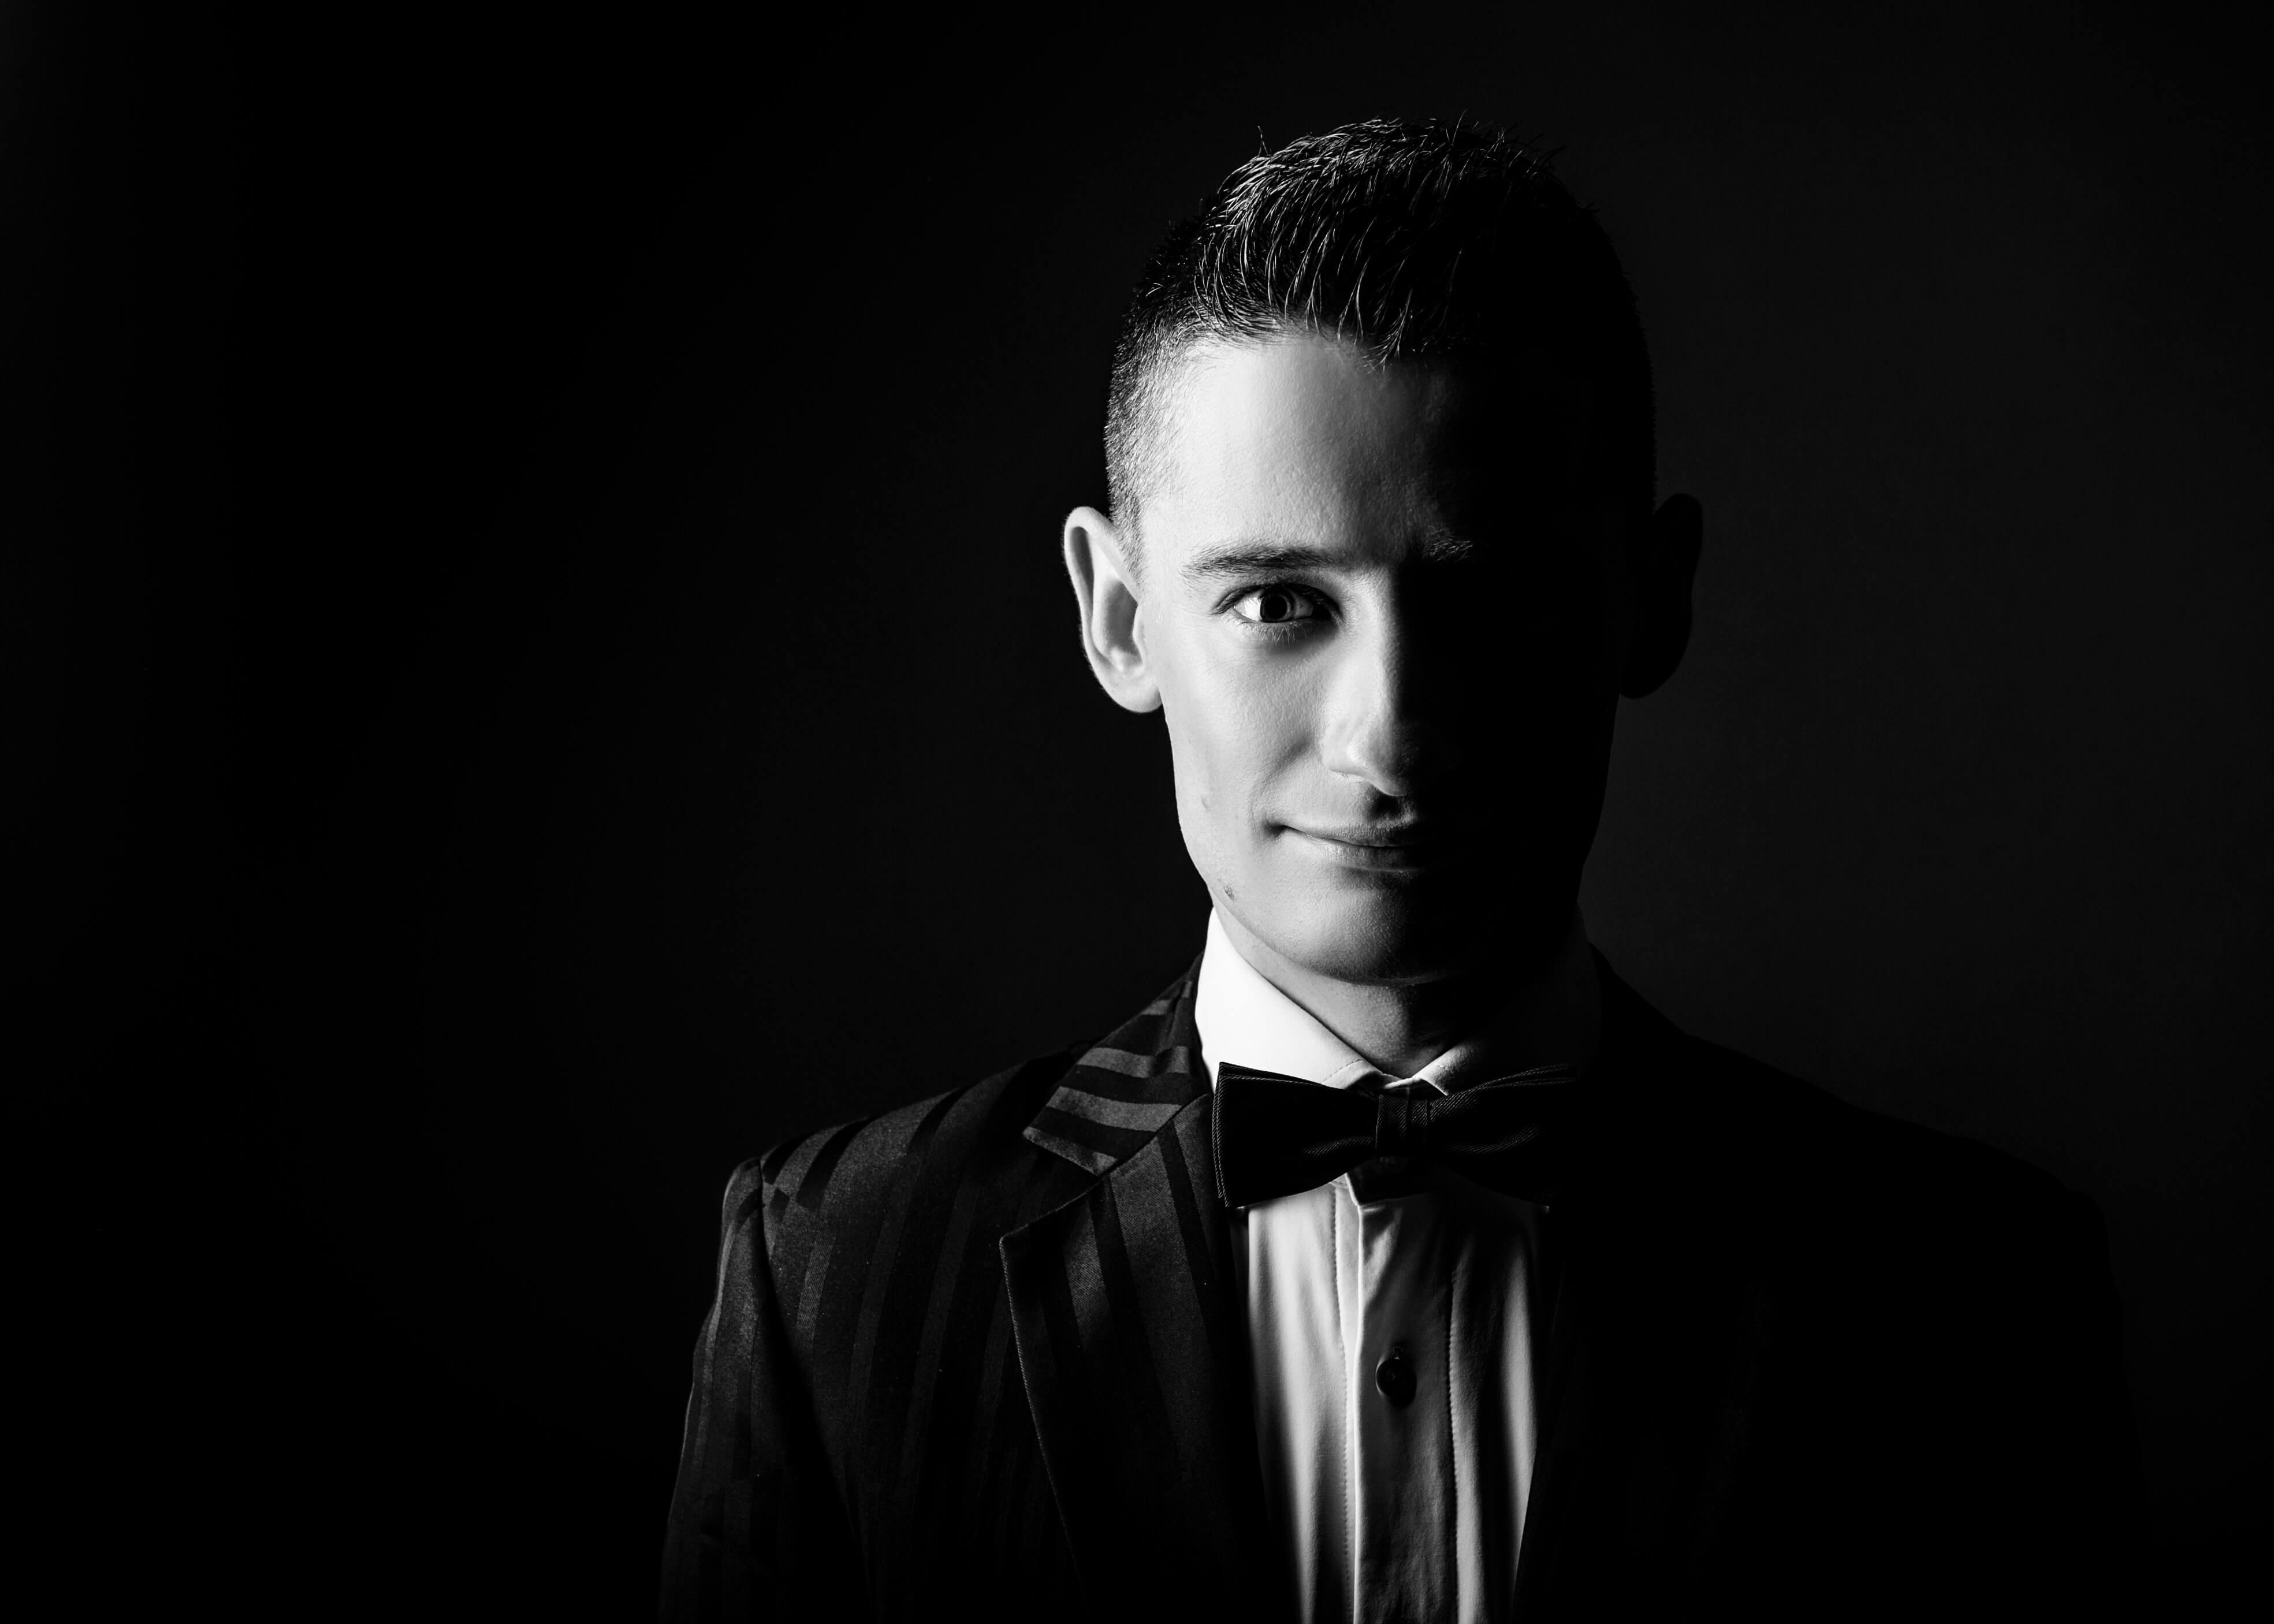 Portrait SW - Meisterzauberer & Großillusionist Felix Jenzowsky